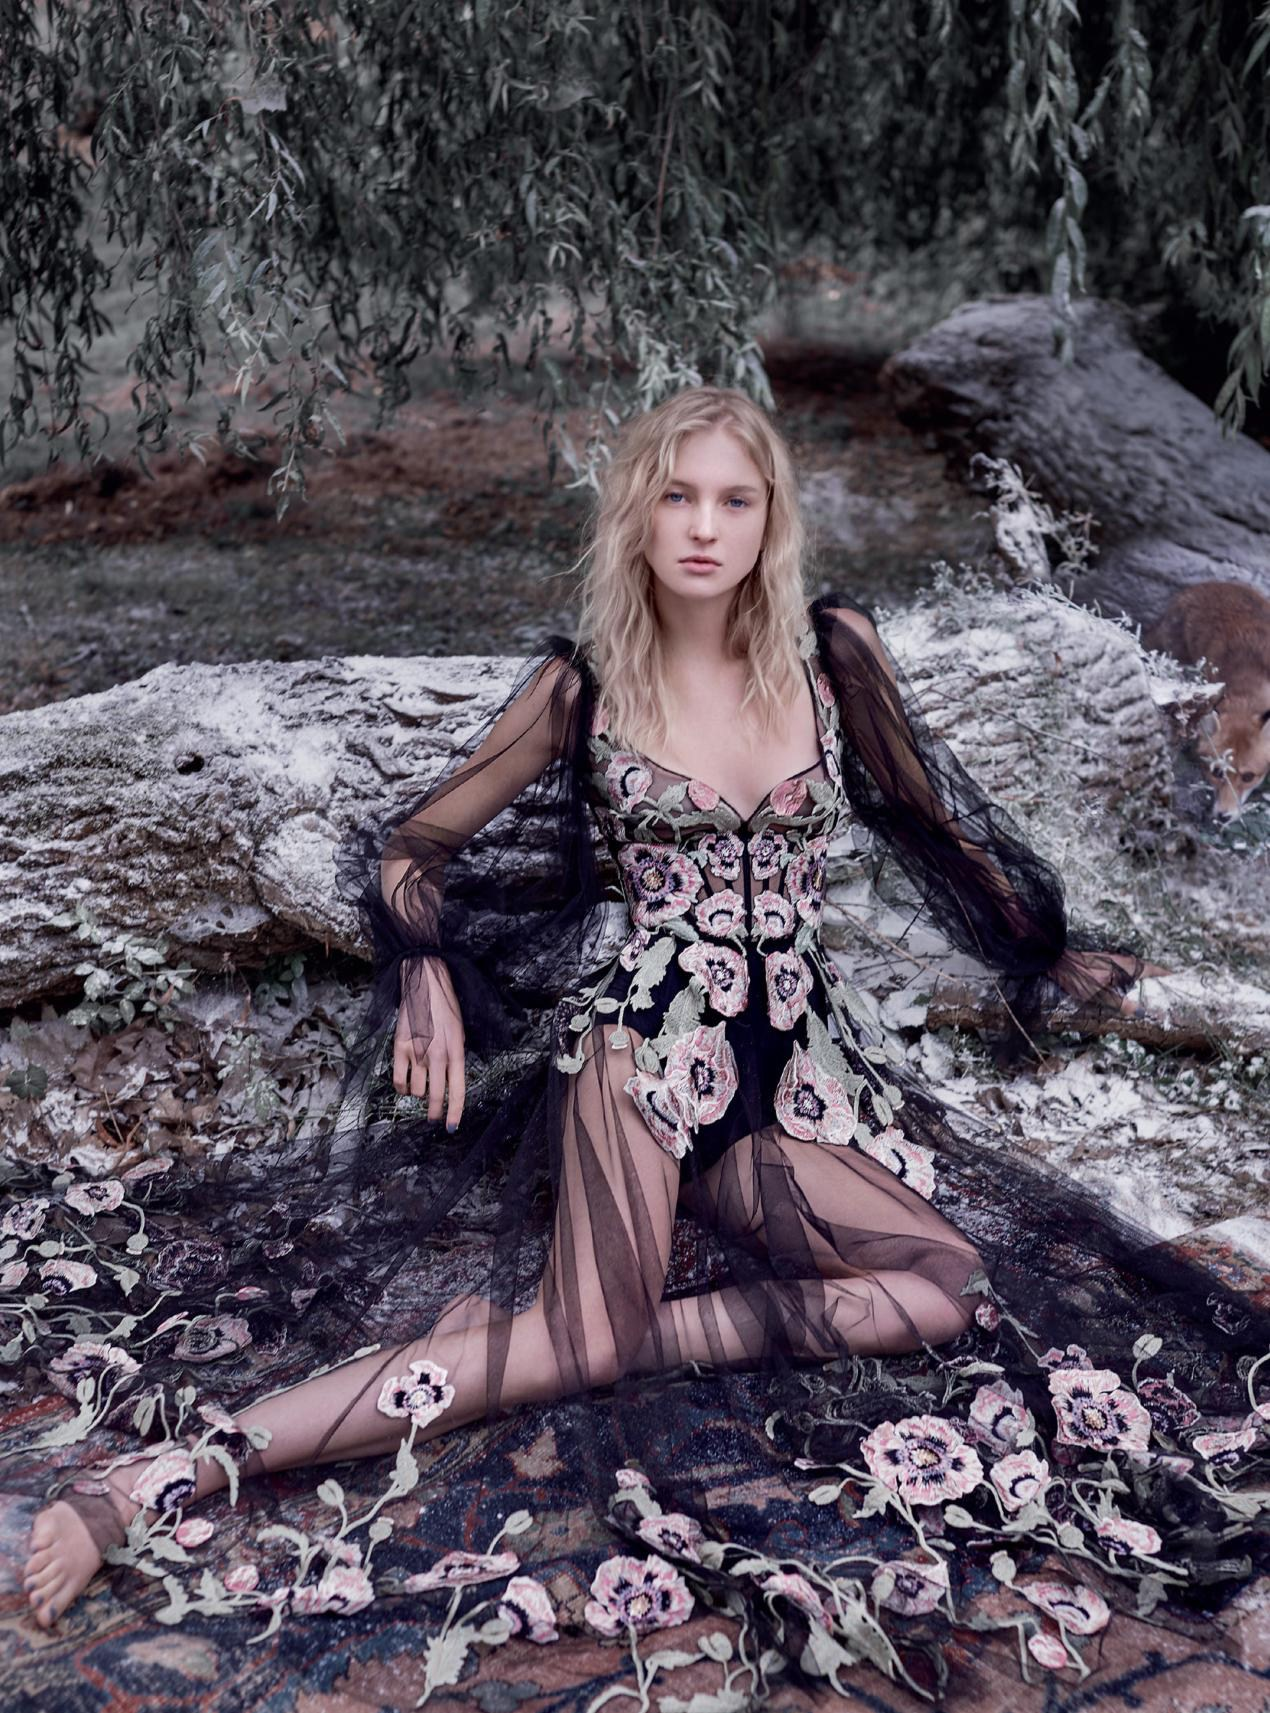 платье из тюля, Alexander McQueen; трусики из лайкры, Intimissimi